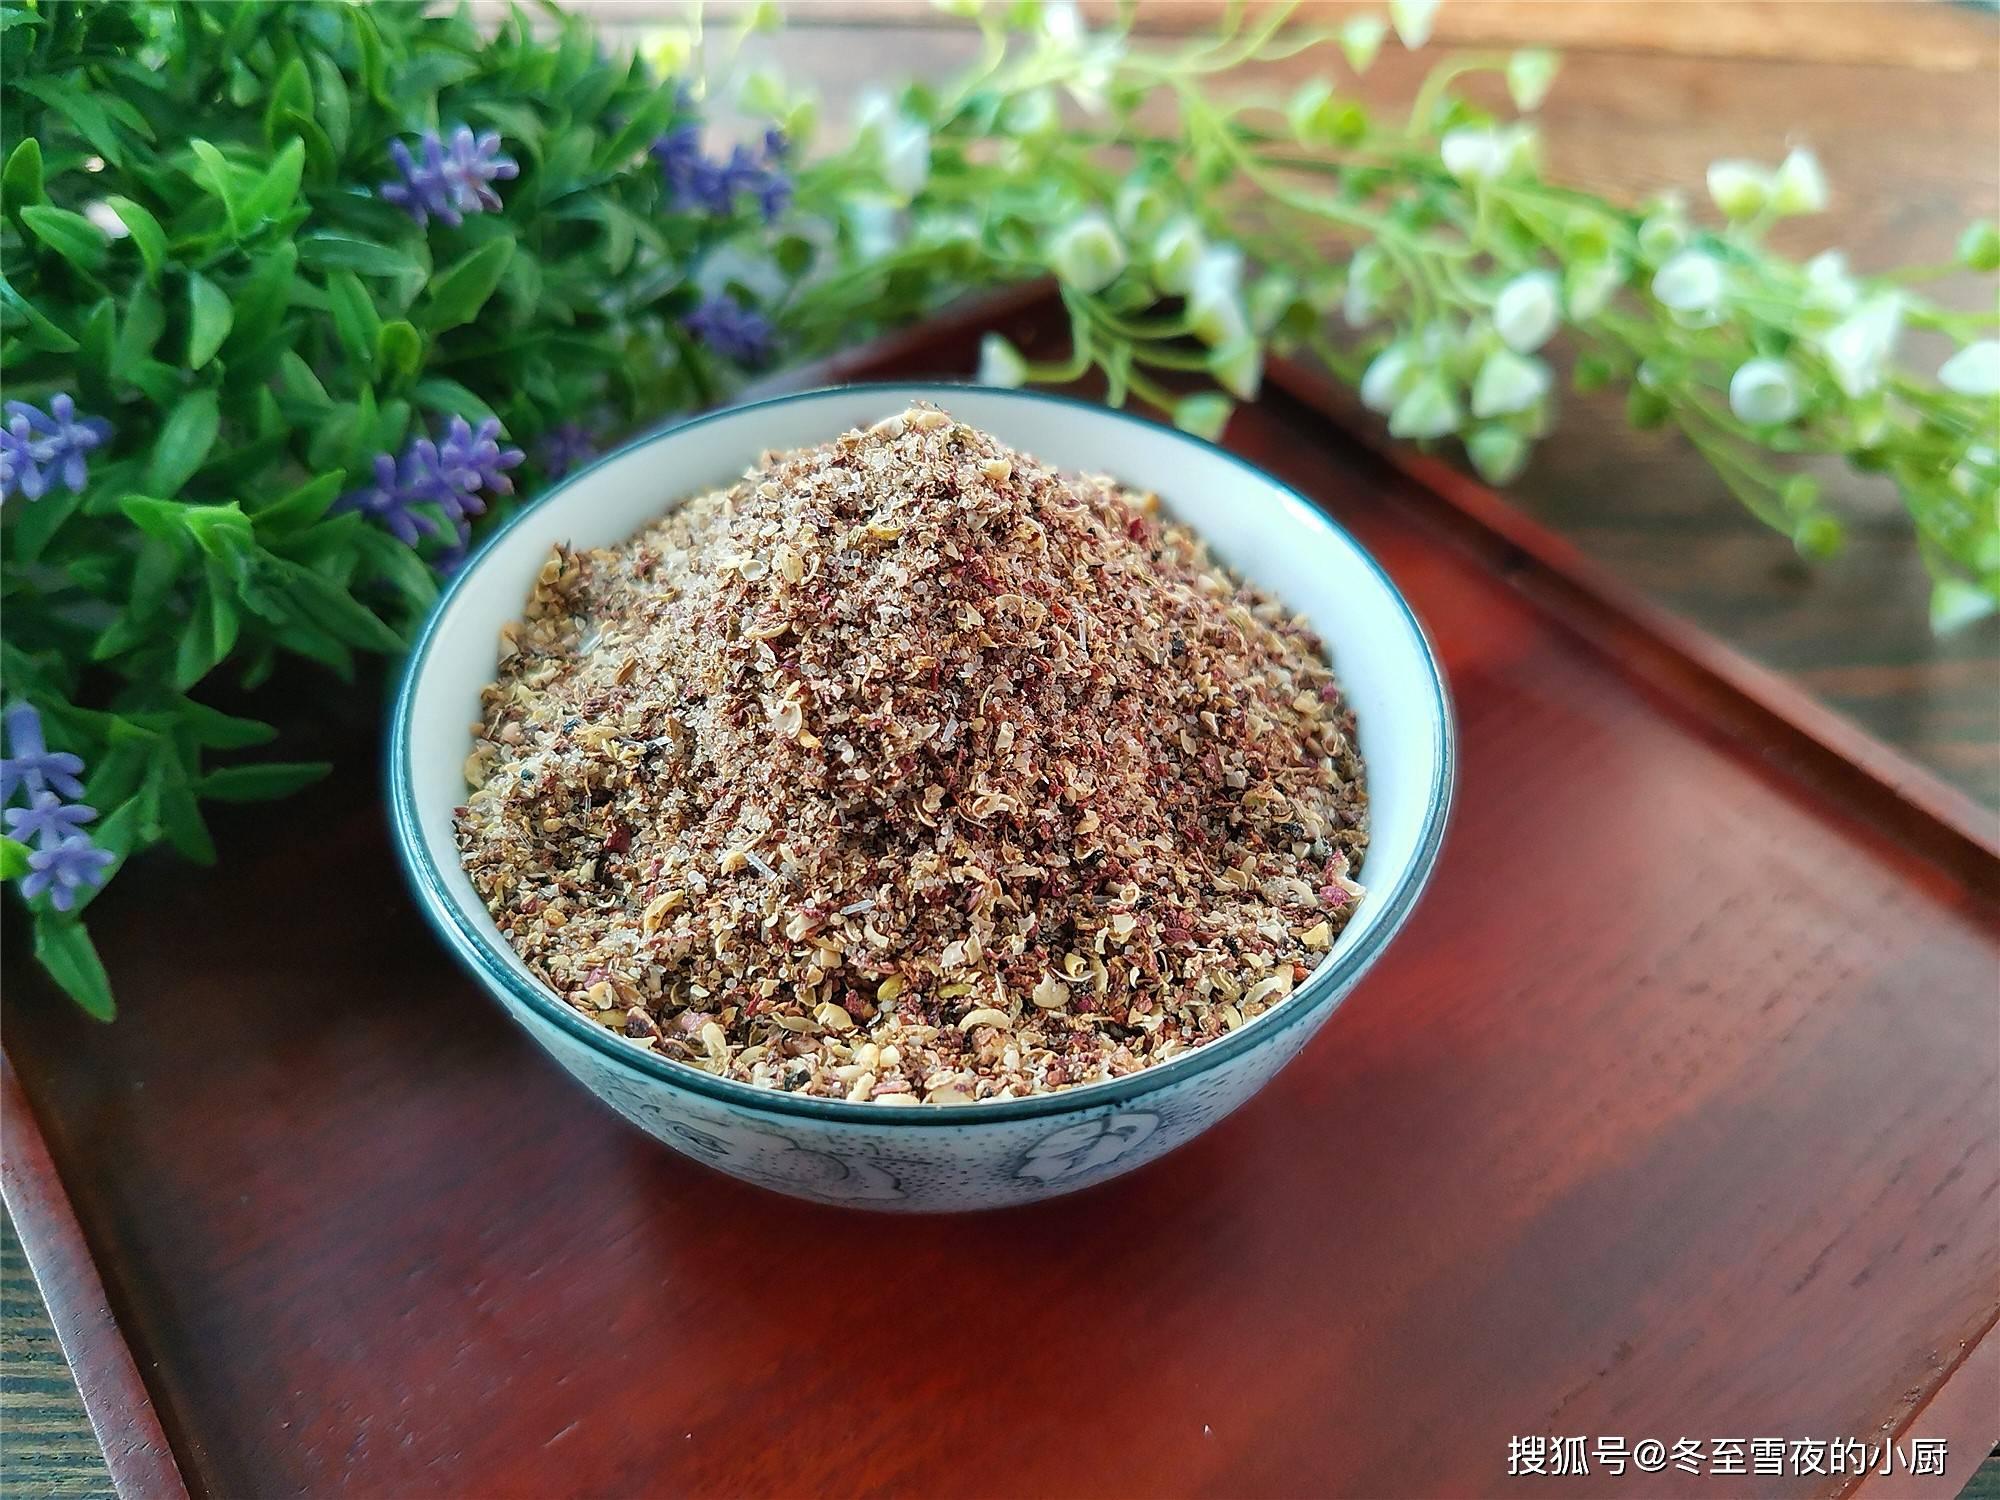 椒盐不用买,教你在家做,只放这5种材料,过年干炸菜必备蘸料